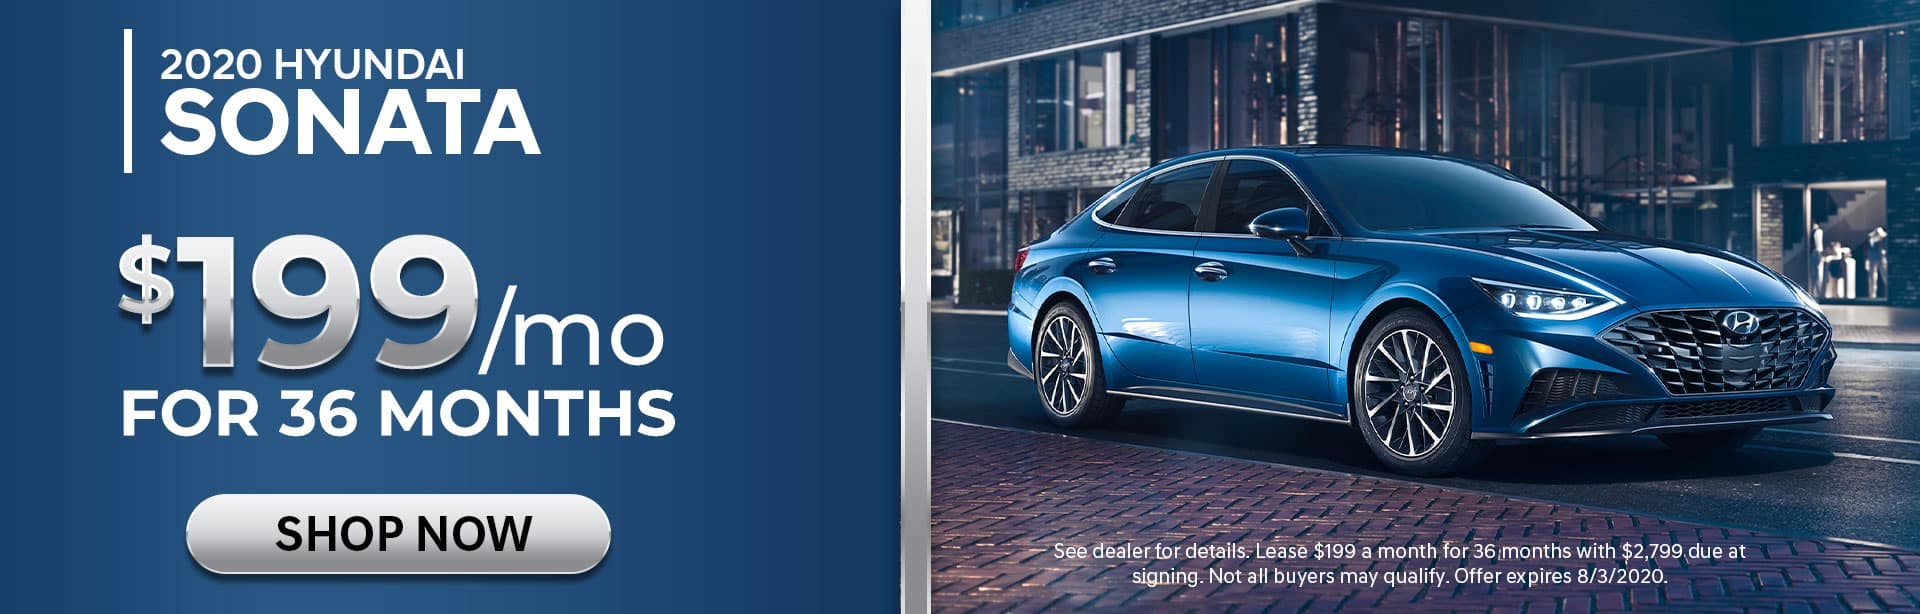 Lease 2020 Sonata for $199/mo